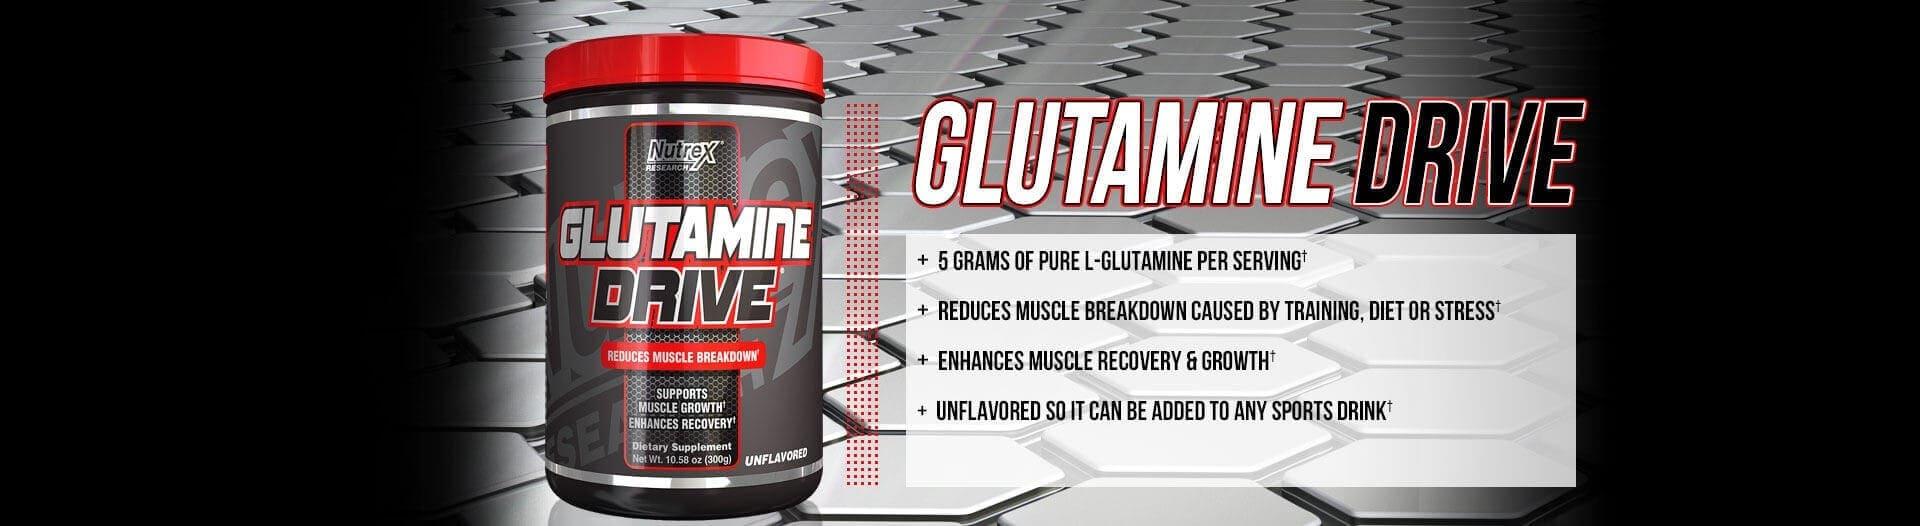 Nutrex - Glutamine Drive (150g) - glutamine drive header2